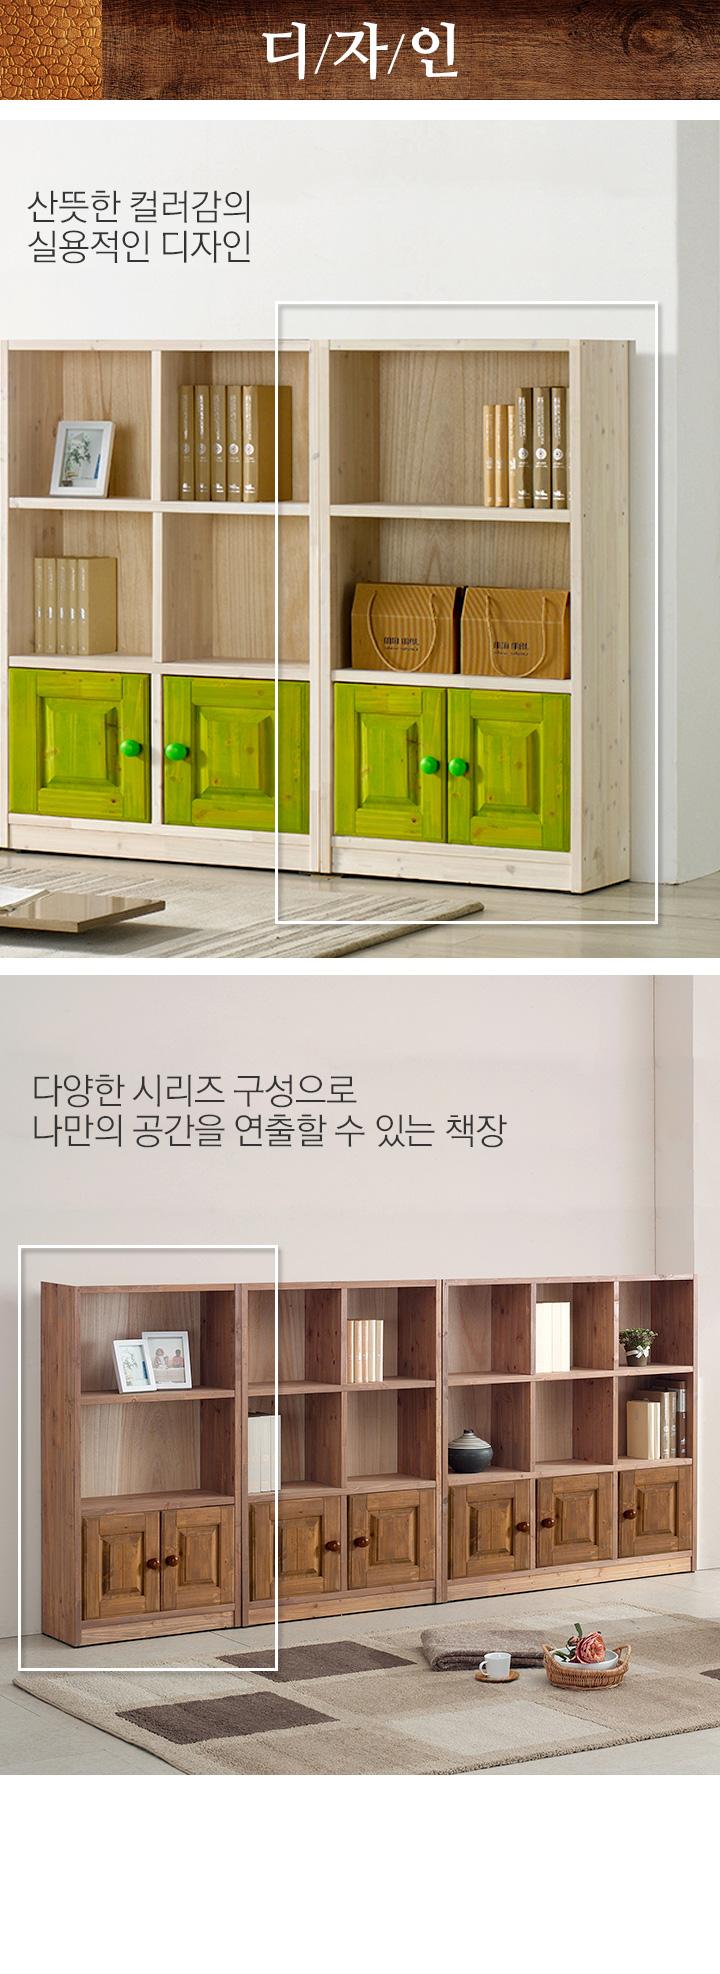 자빈 원목 책장 3단 600 도어형 - 인우드, 199,720원, 책장/서재수납, 책장